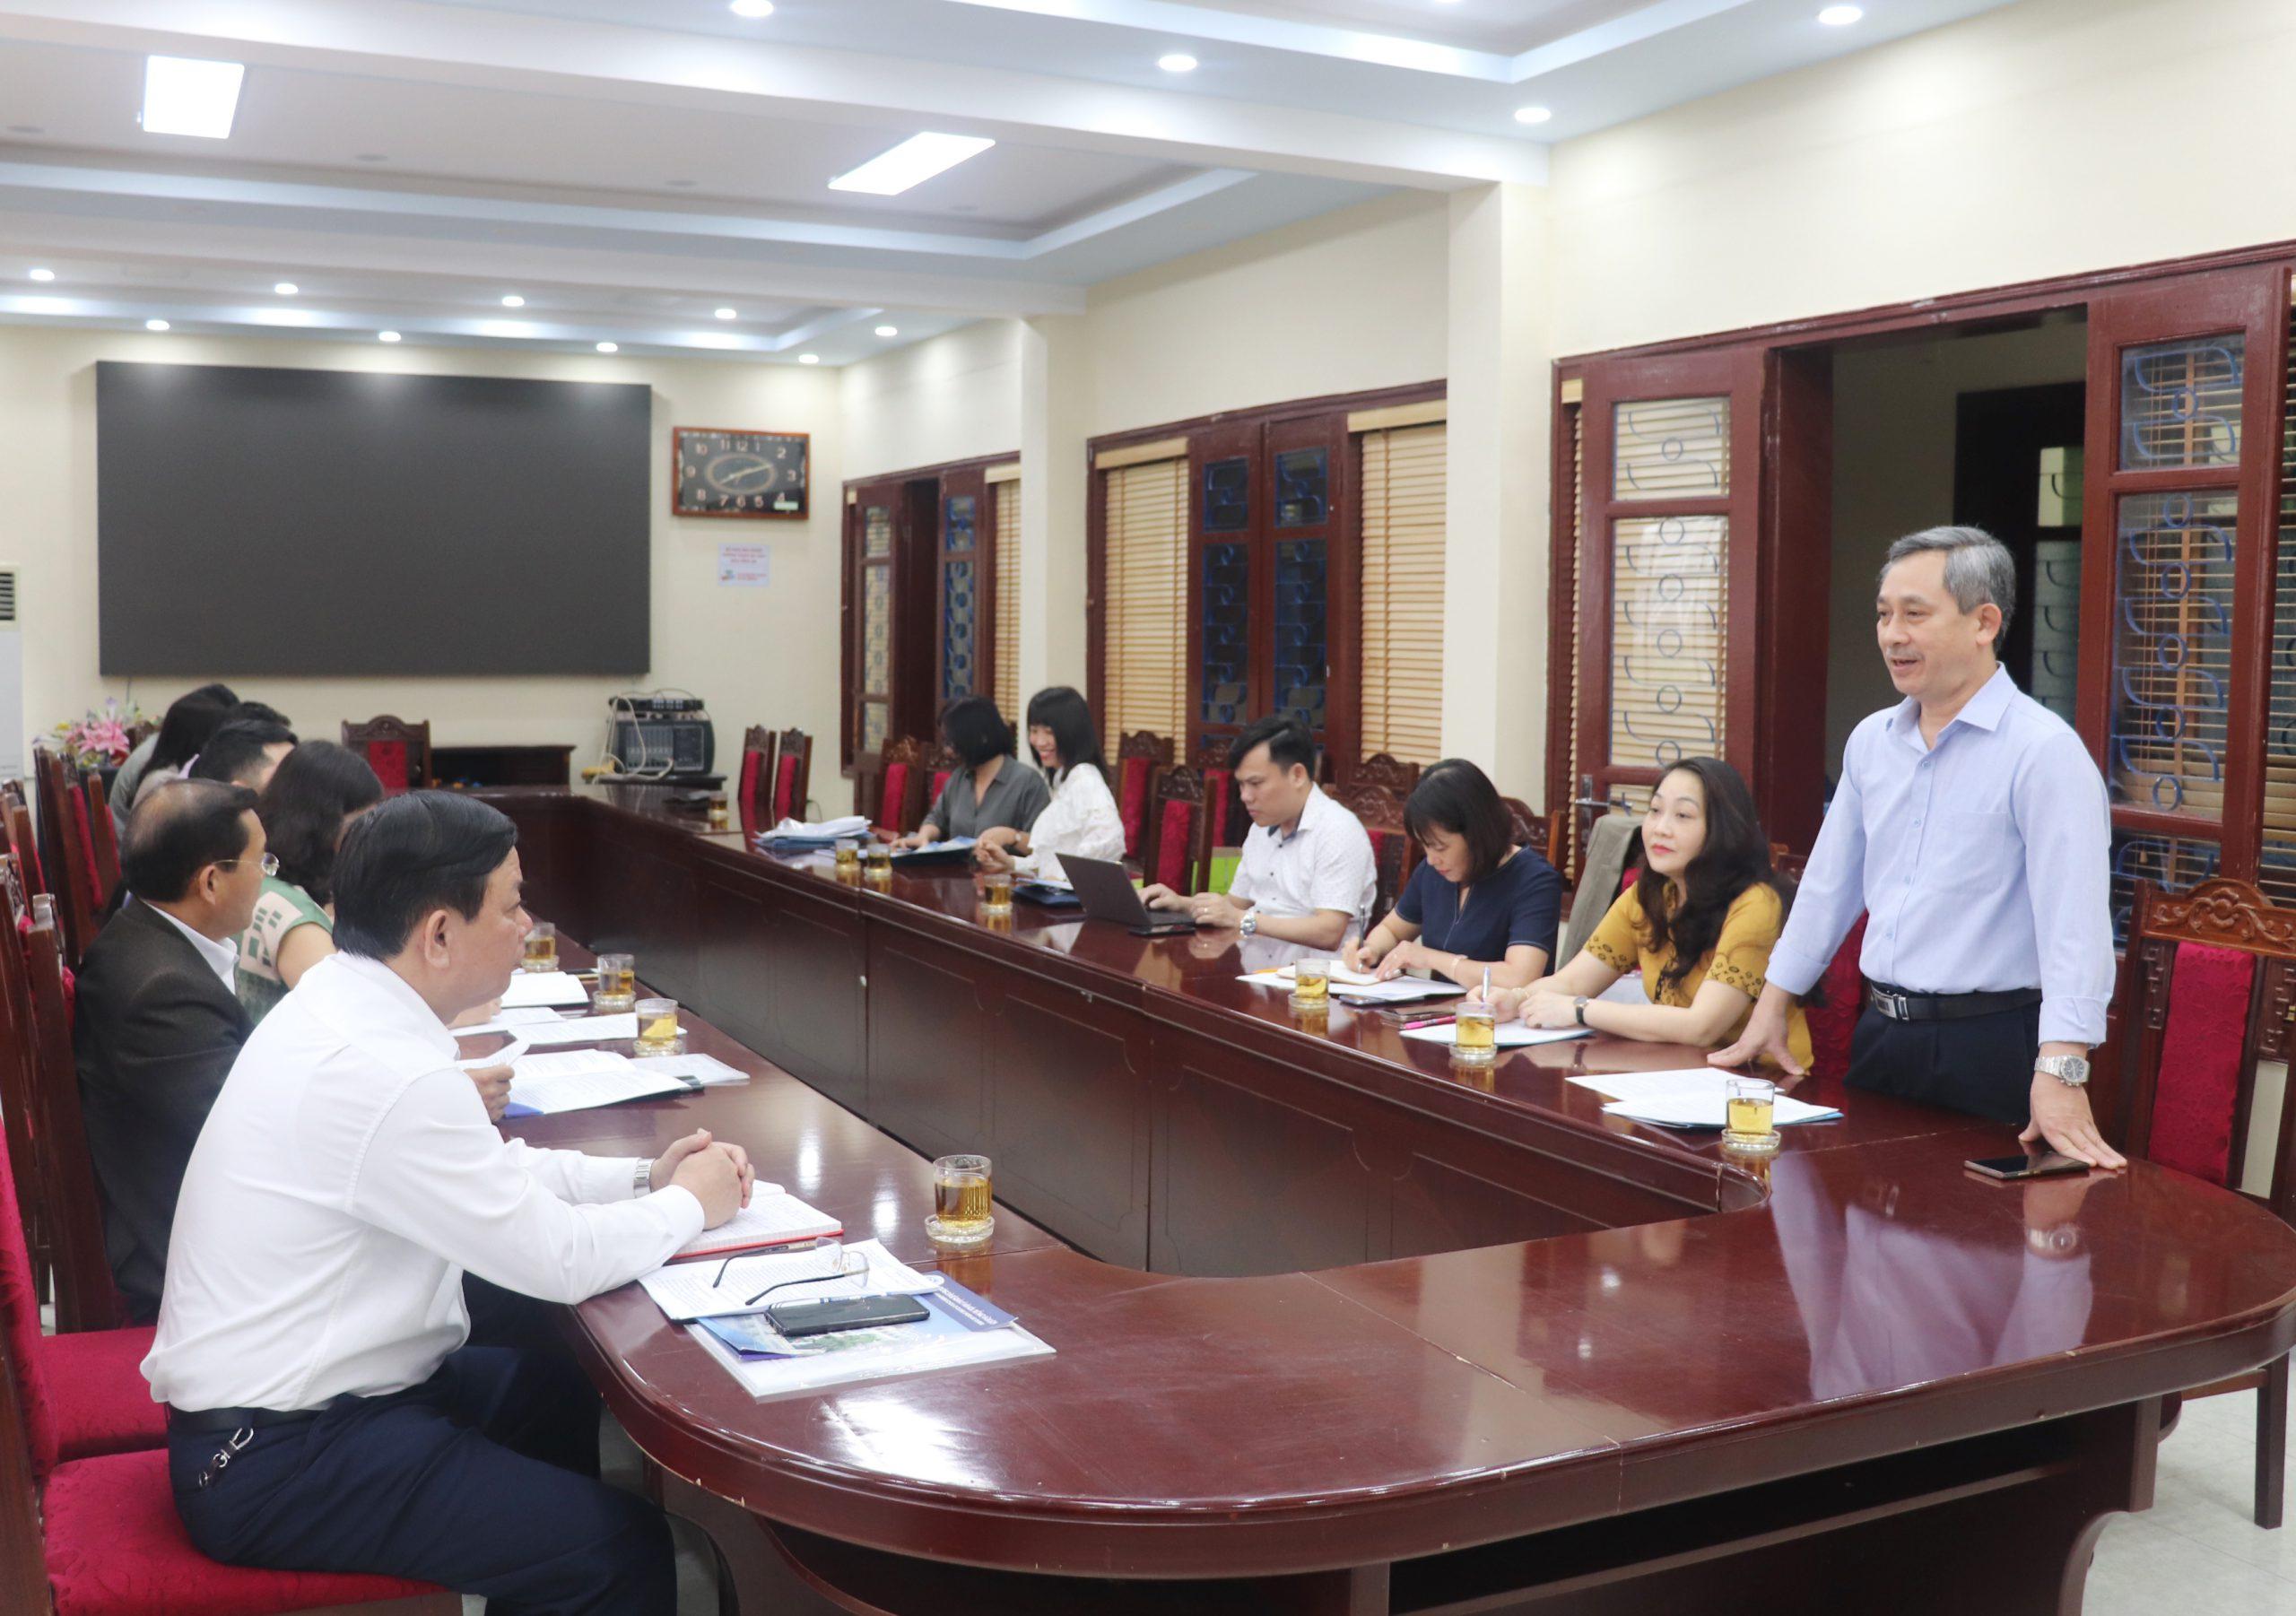 Điều tra, khảo sát đề tài khoa học và công nghệ cấp Bộ năm 2021 – 2022 tại tỉnh Điện Biên, Lai Châu